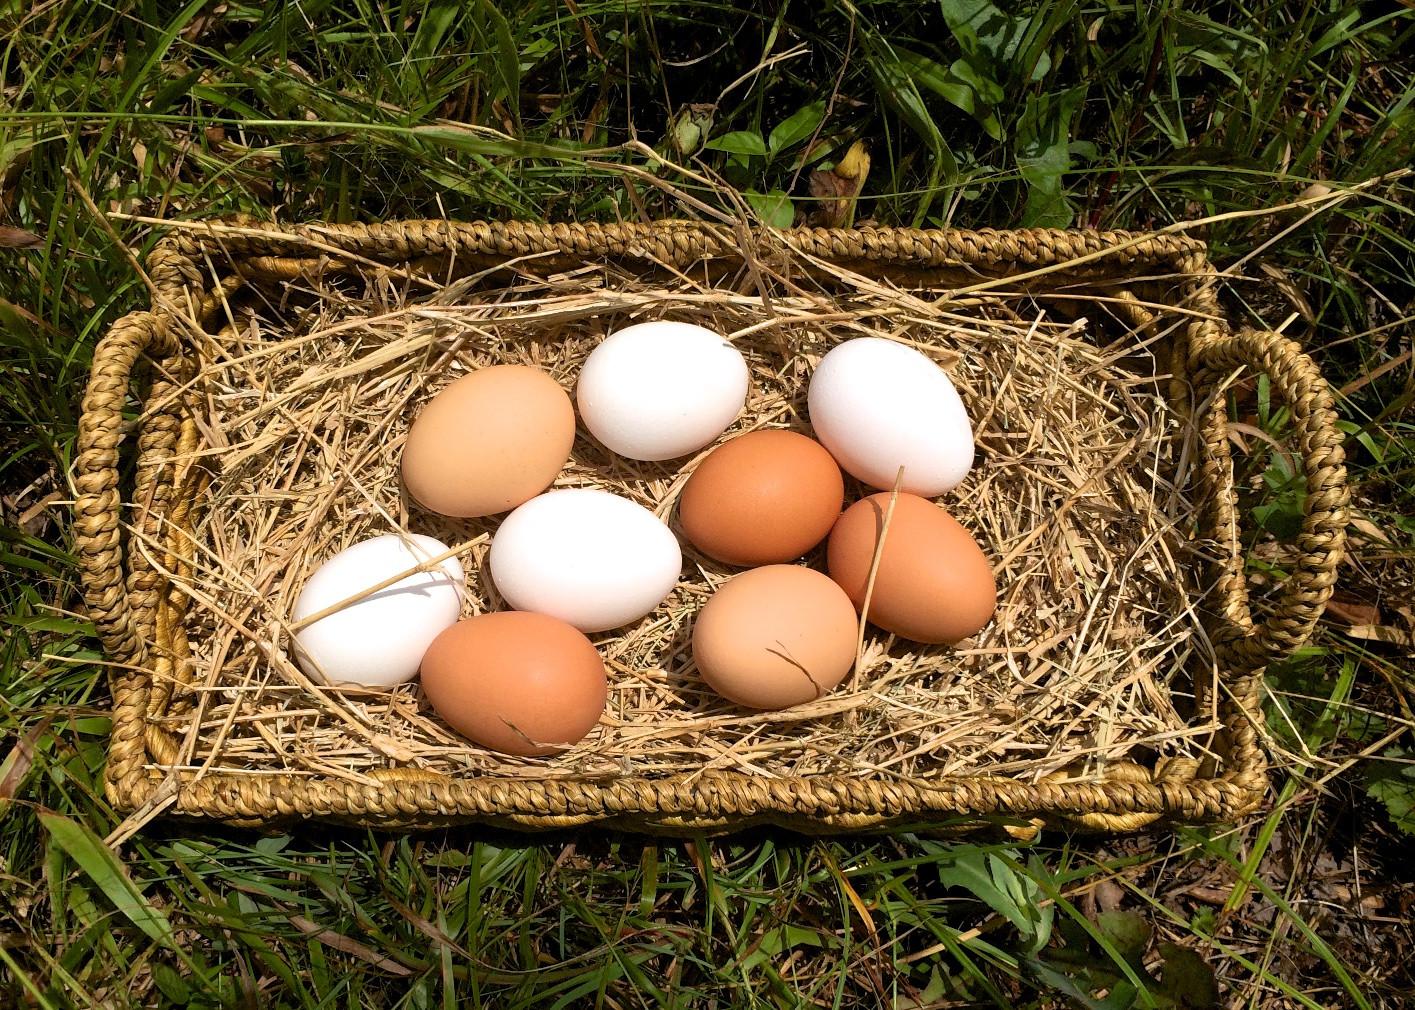 Eggsbasket.jpg